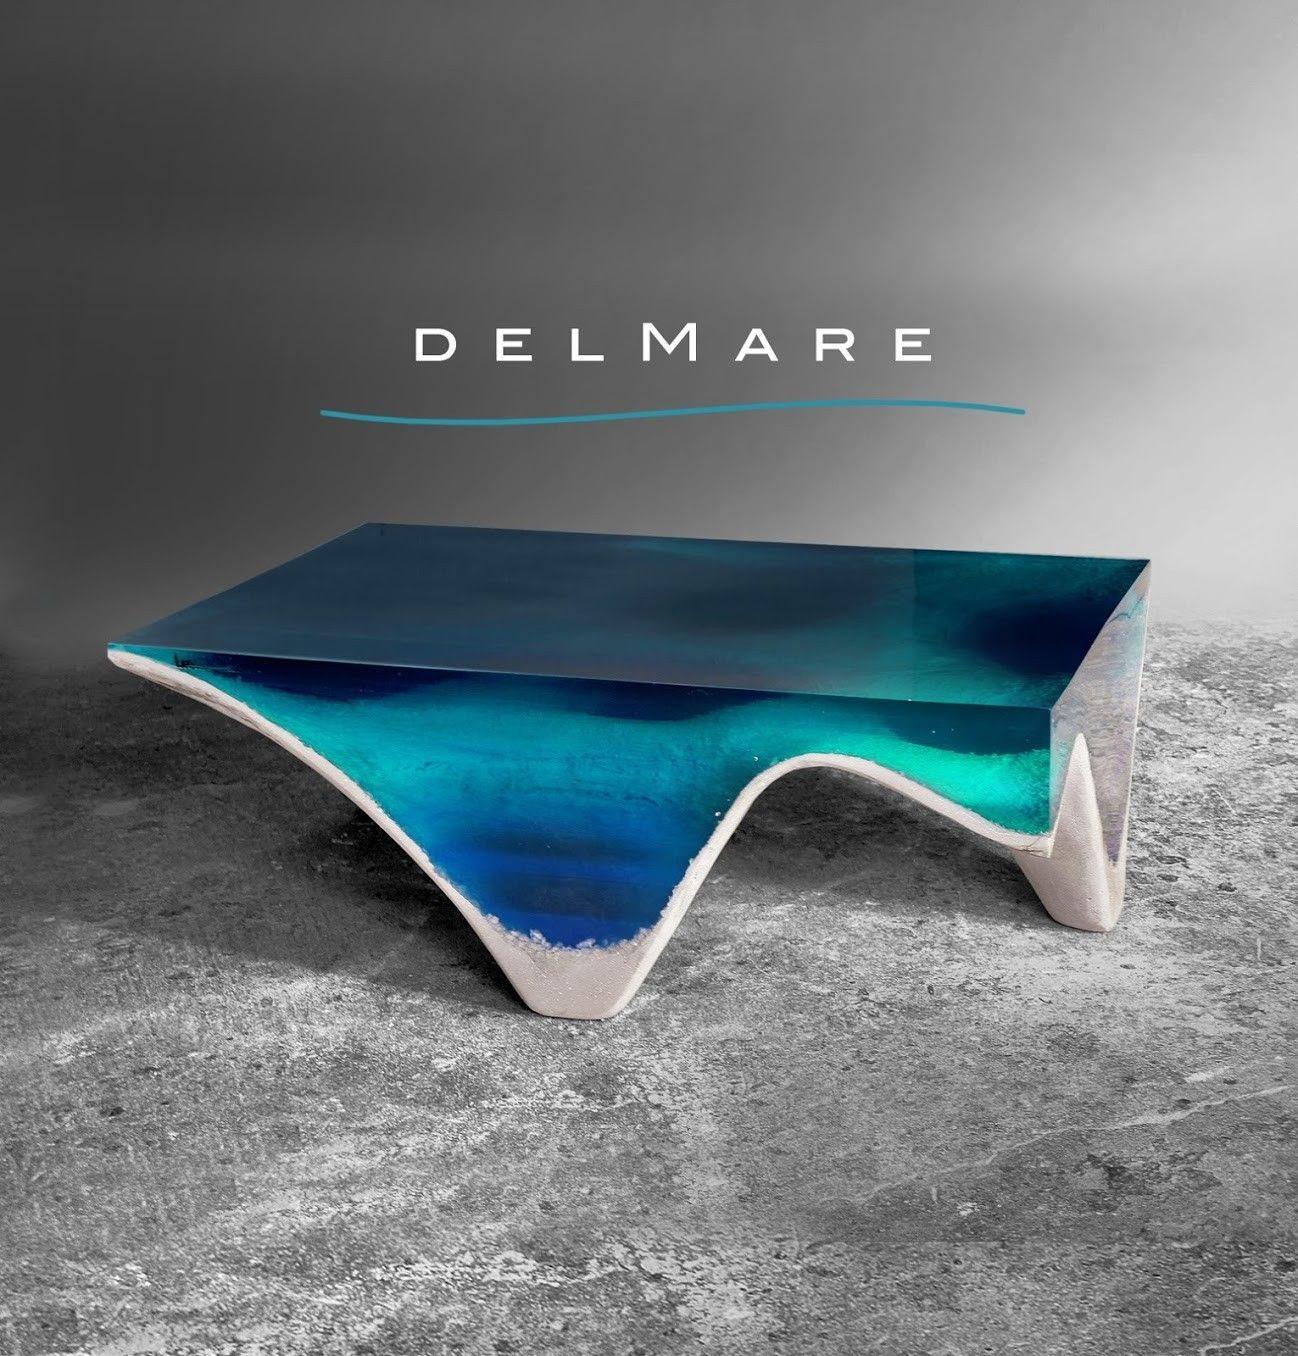 Peinture Résine Pour Meuble En Bois table delmare en marbre et verre acrylique par eduard locota